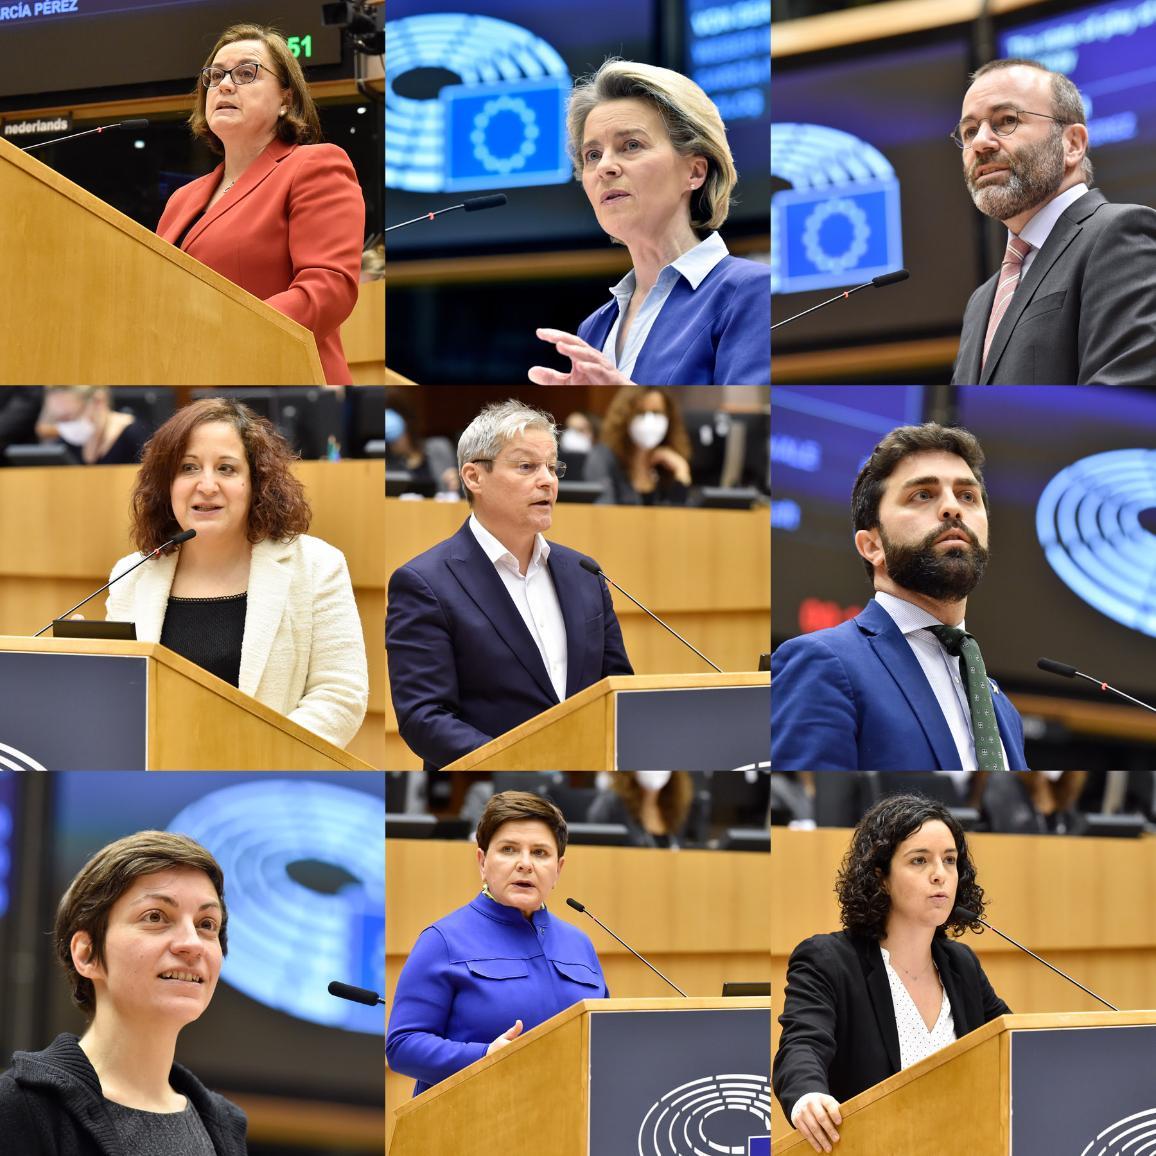 Účastníci plenárnej rozpravy EP o najnovšom vývoji v súvislosti so stratégiou EÚ v oblasti vakcín proti ochoreniu COVID-19.